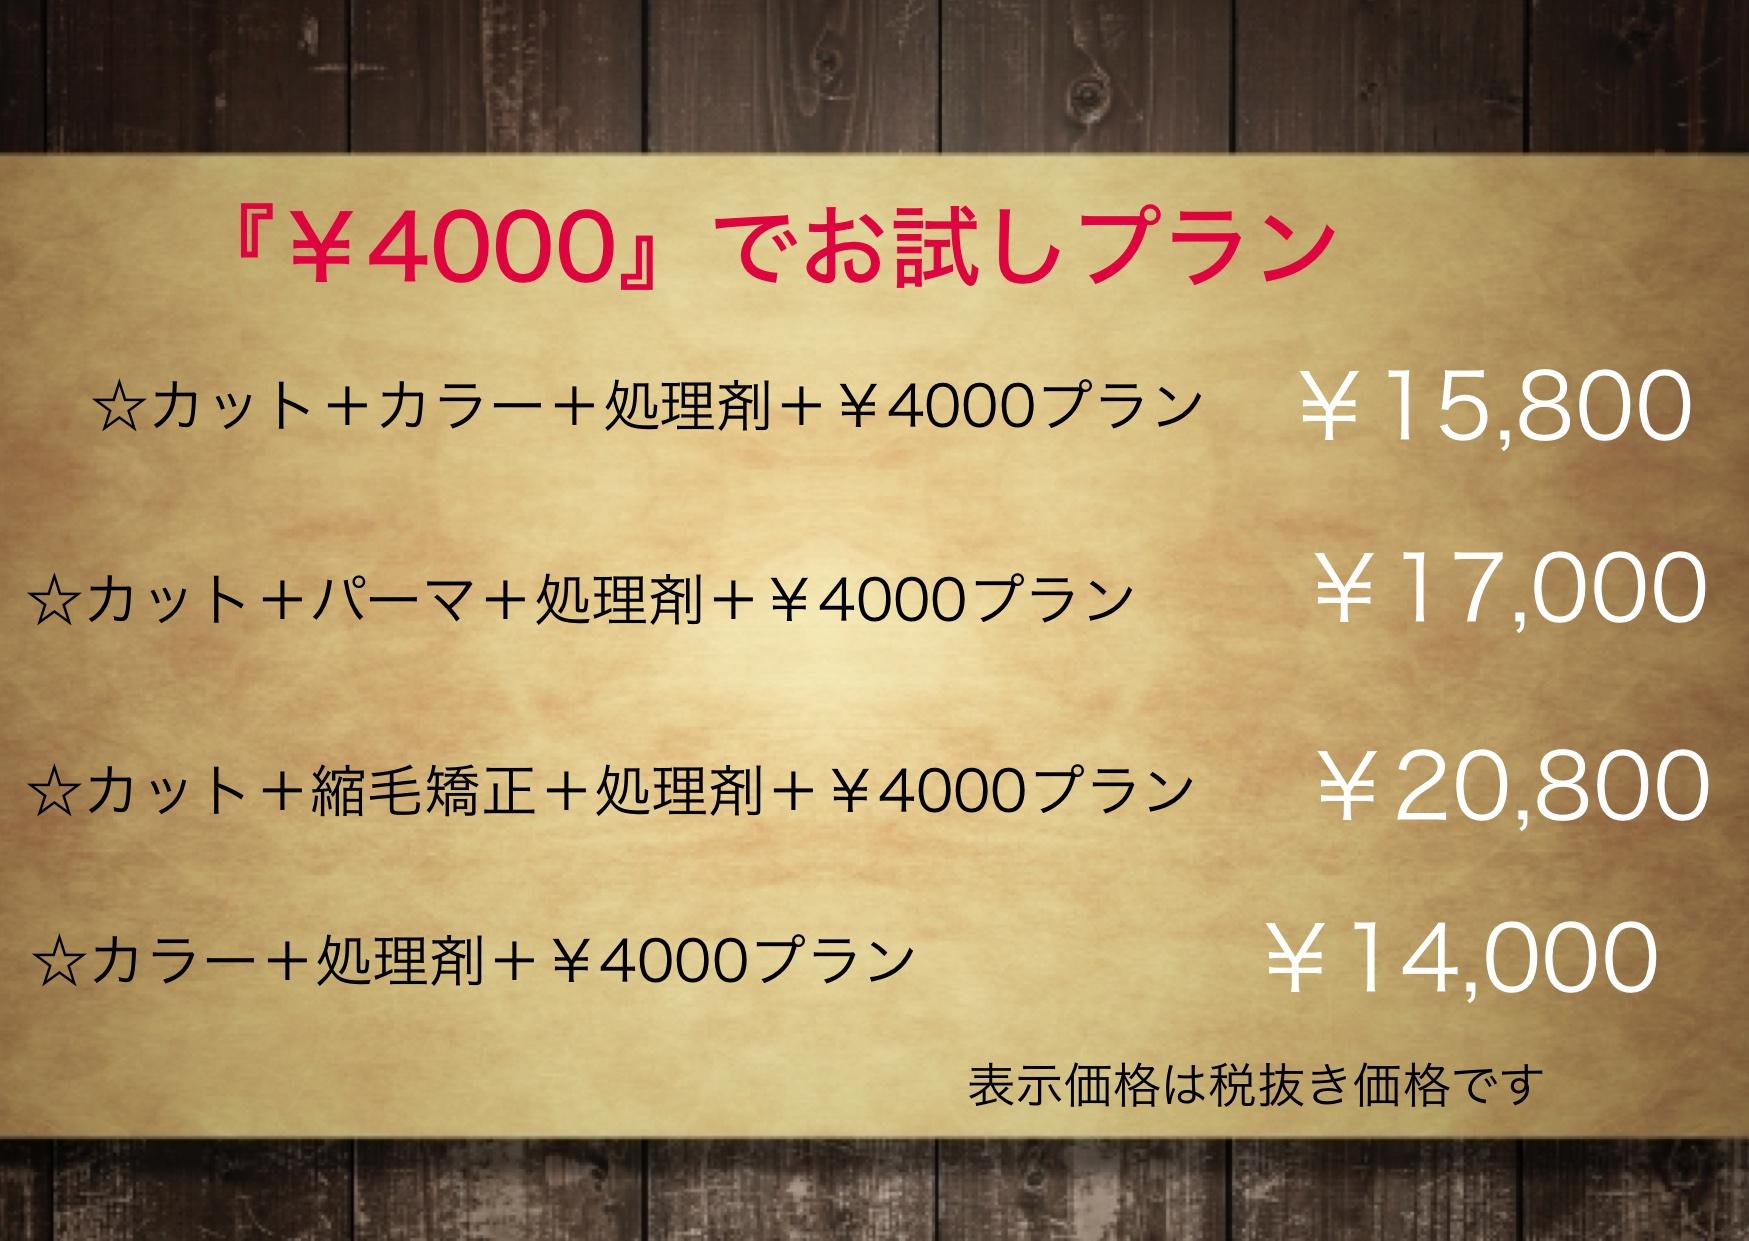 4000票